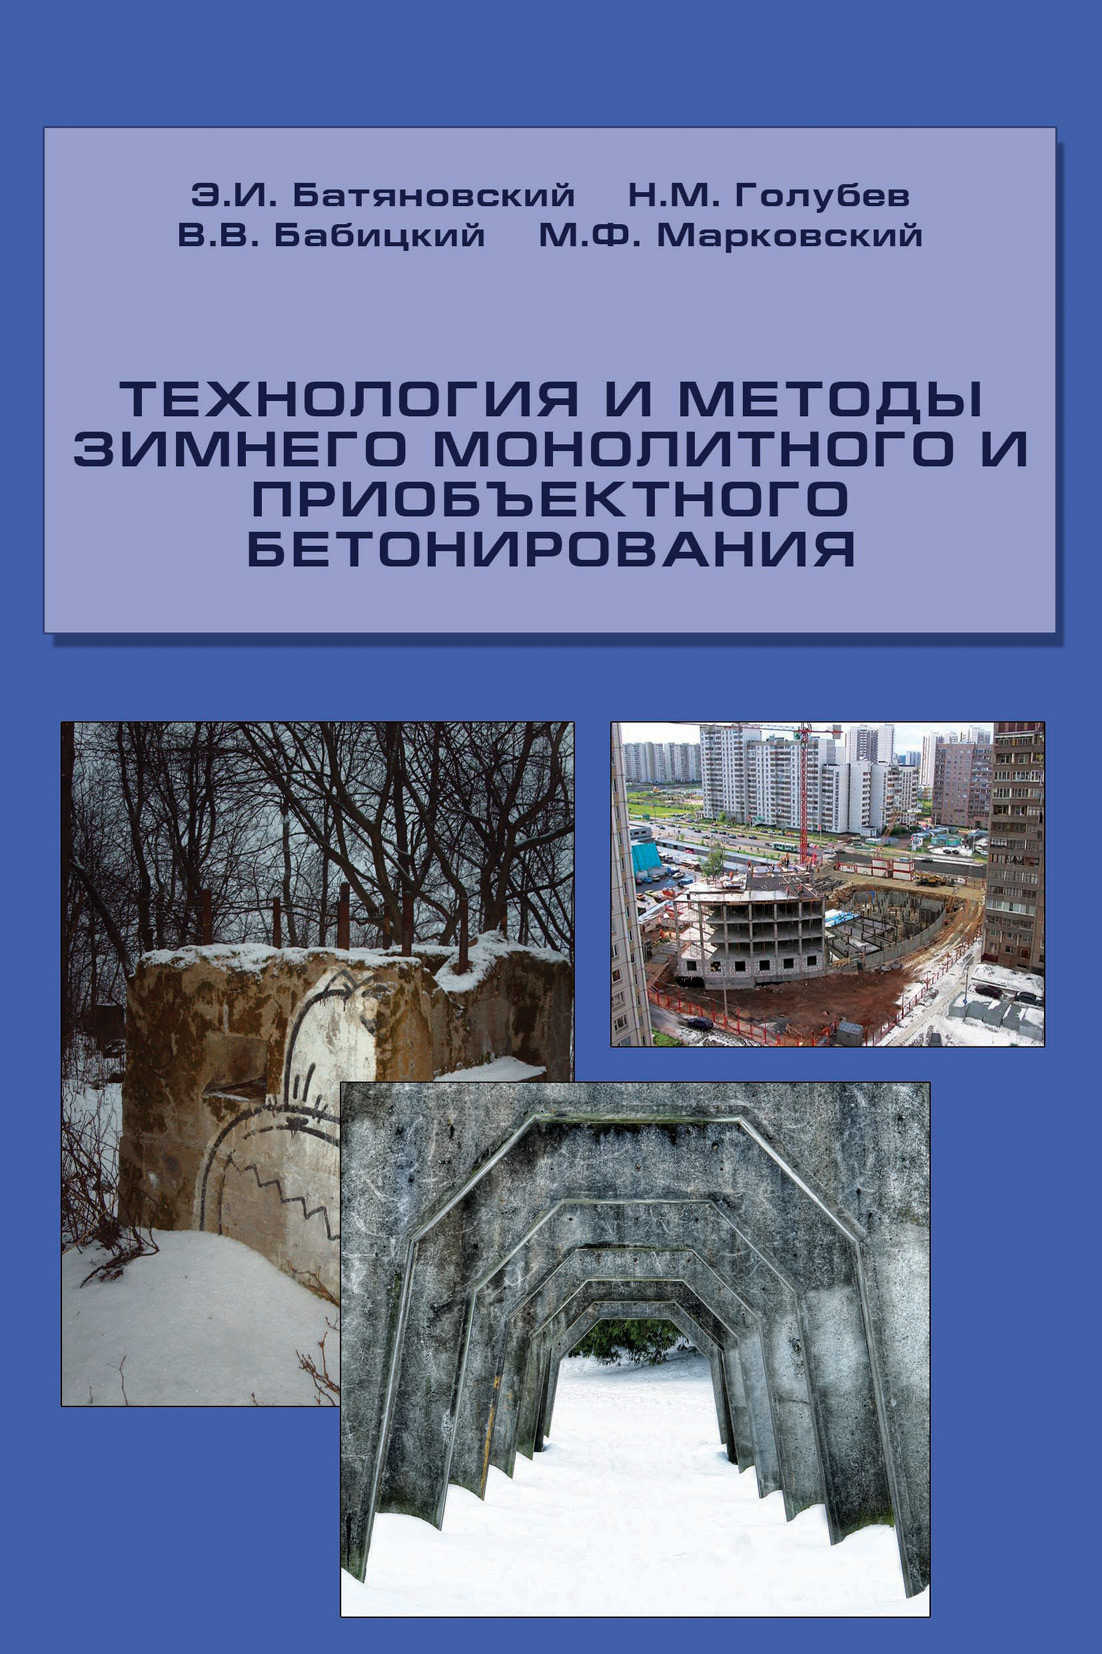 Э. И. Батяновский Технология и методы зимнего монолитного и приобъектного бетонирования